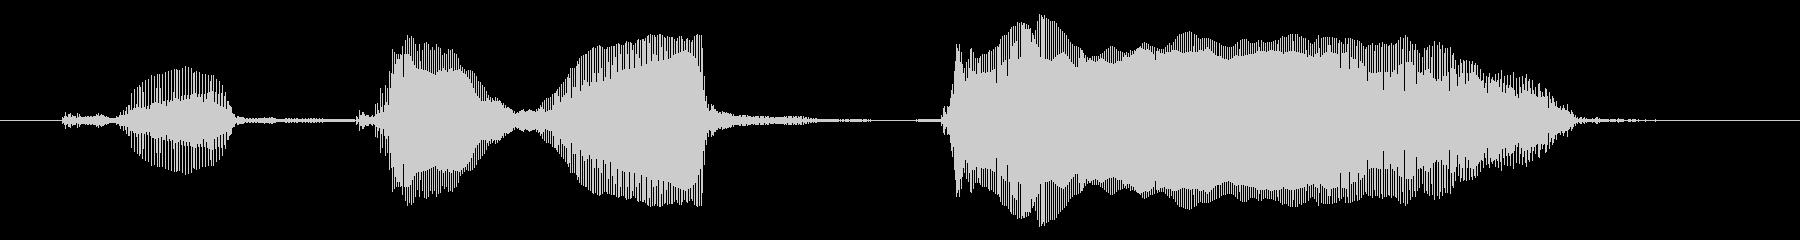 「けっかはっぴょー」ゆる系ロボットボイスの未再生の波形